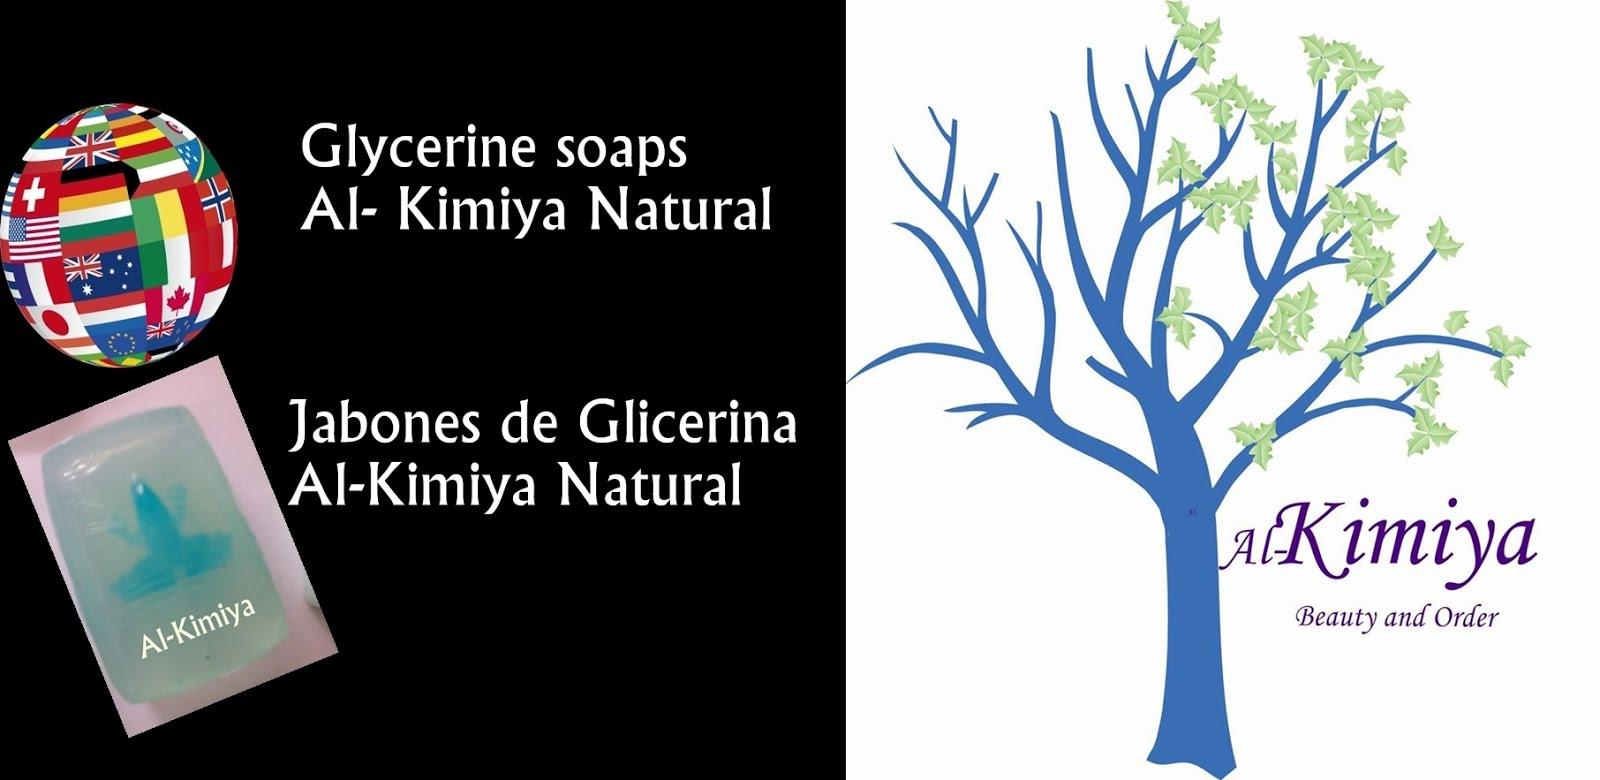 Al-Kimiya Natural